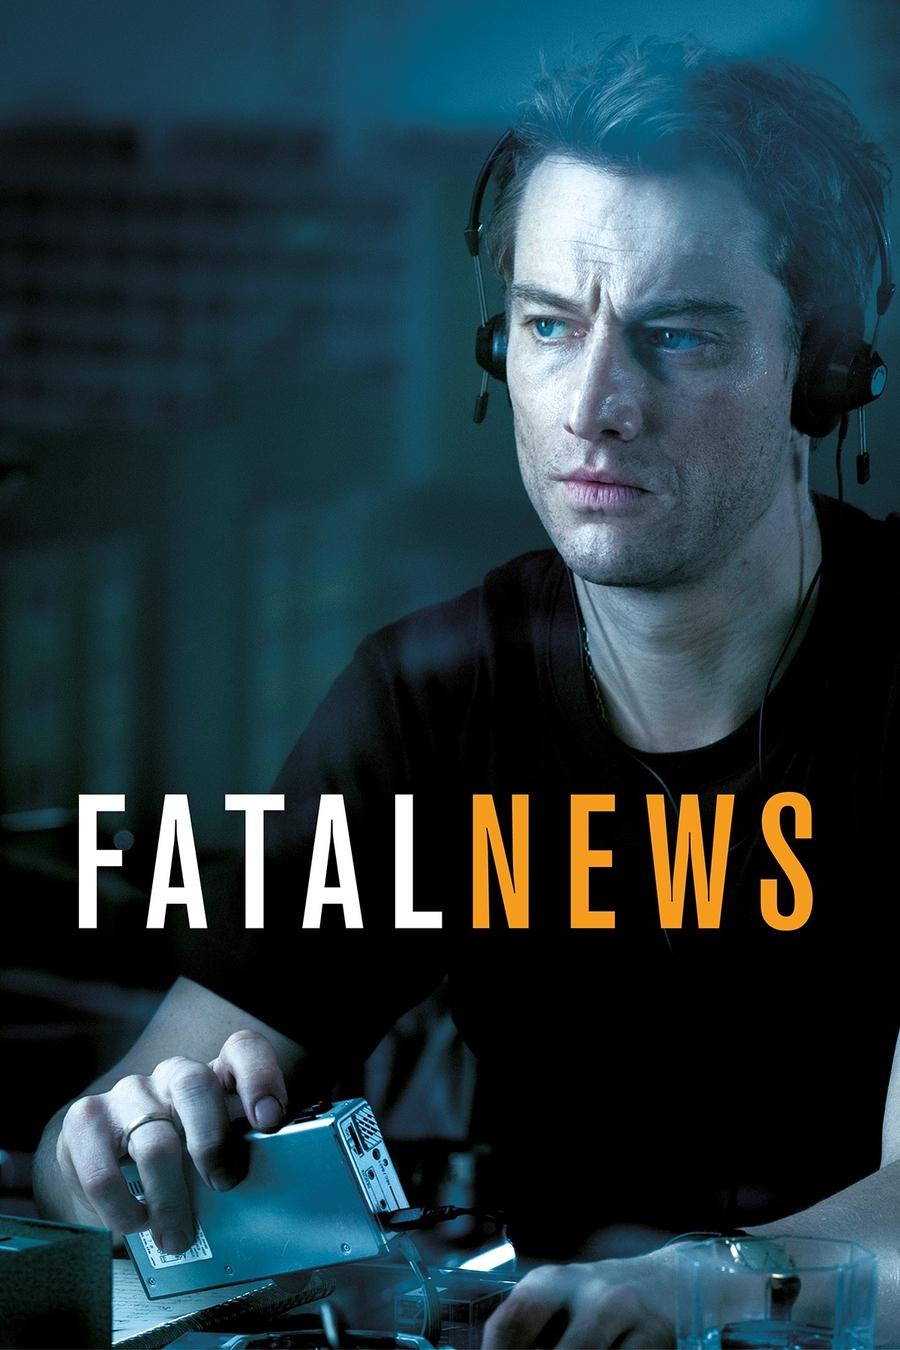 Fatal News